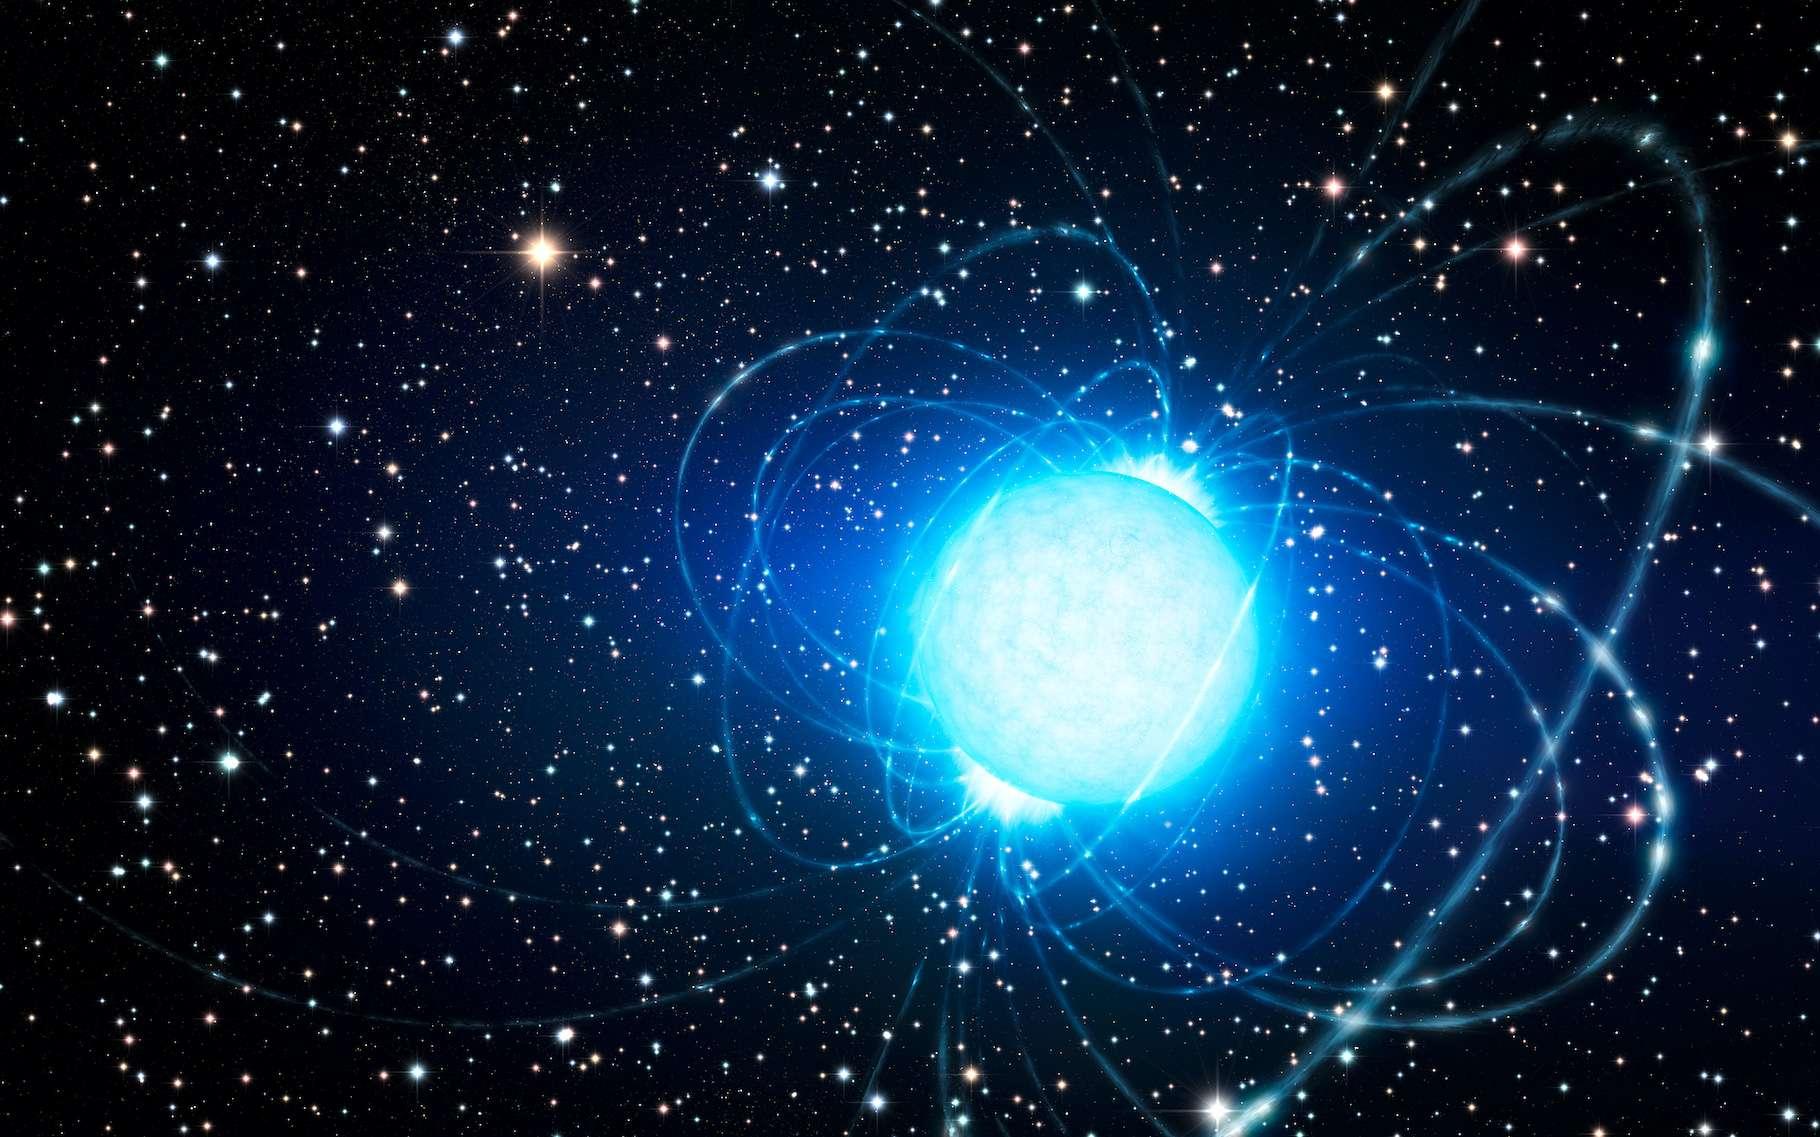 Vue d'artiste sur un magnétar, un objet rare sur lequel les astronomes pourraient avoir récolté de nouvelles informations utiles. © L. Calçada, ESO